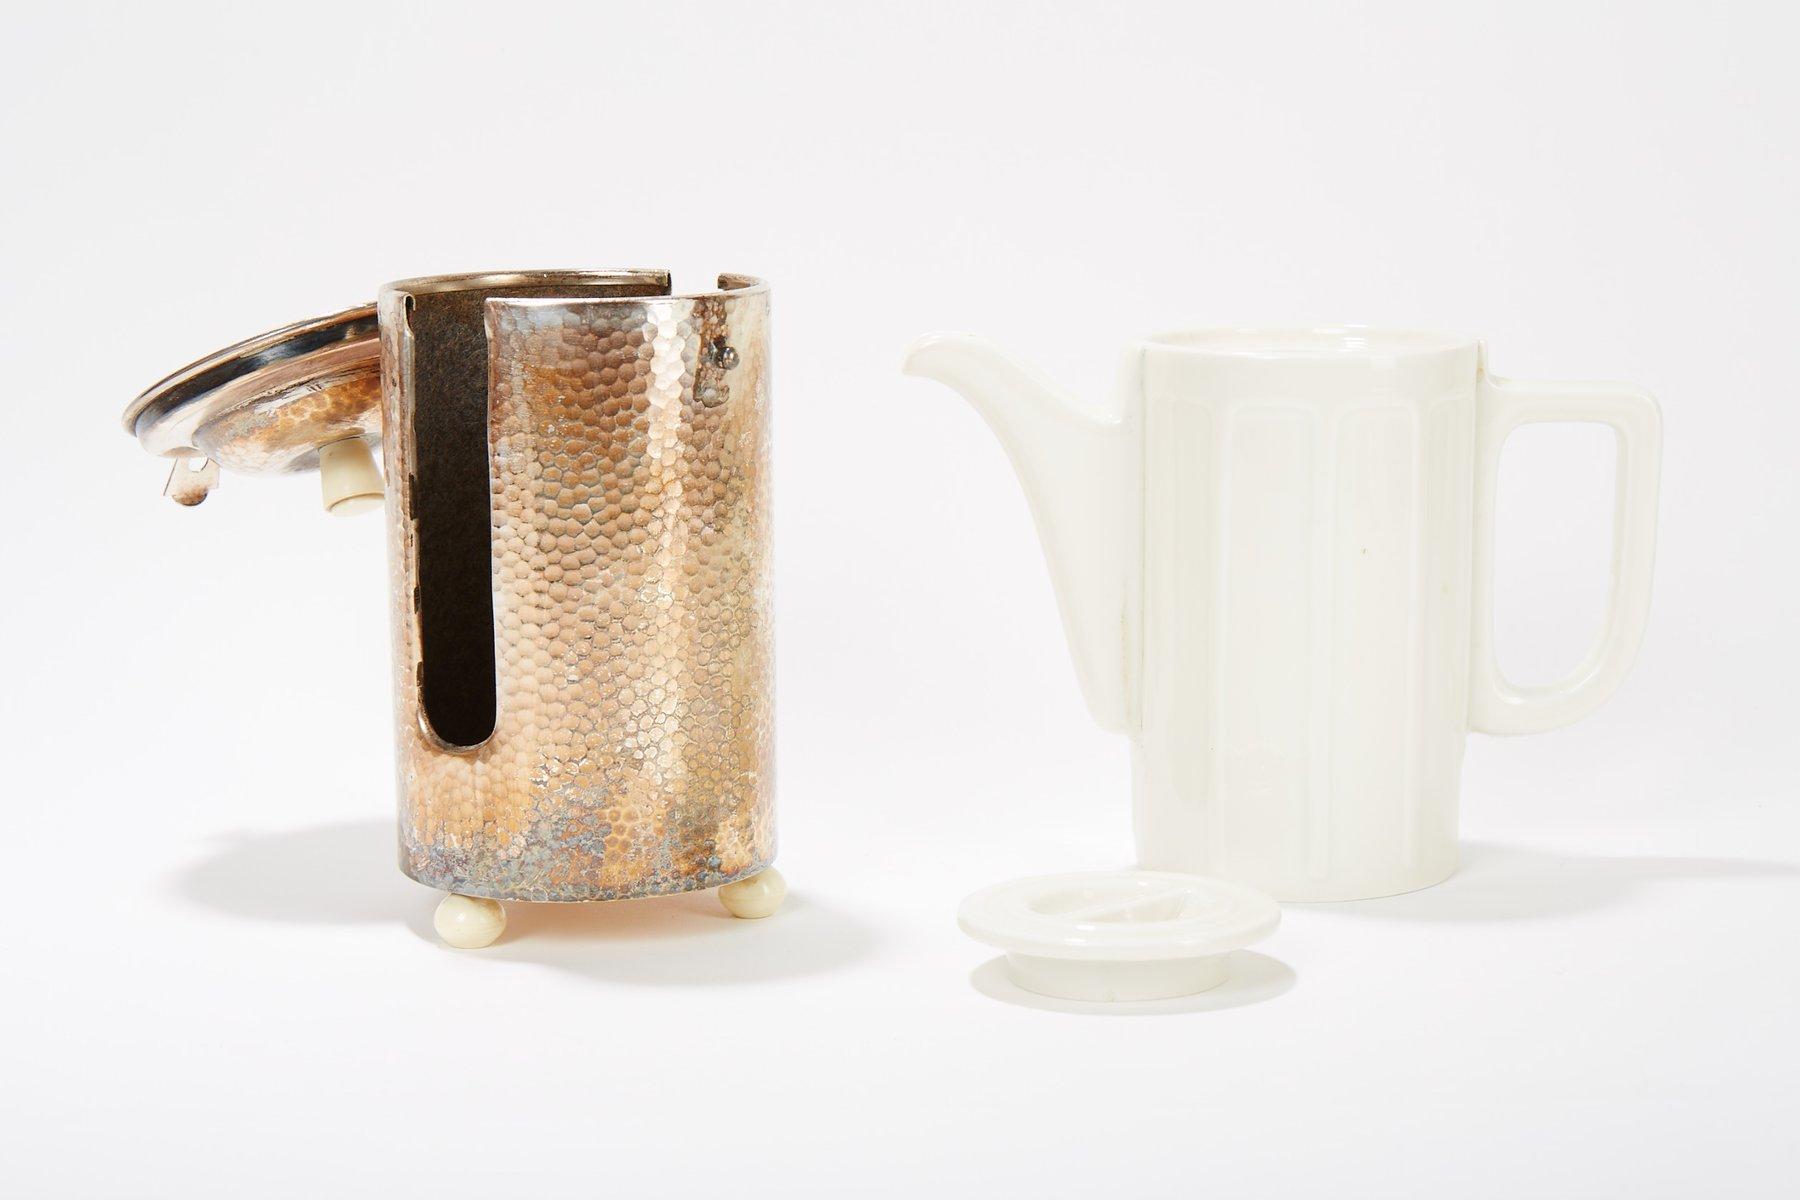 vintage kaffee set von bauscher weiden bei pamono kaufen. Black Bedroom Furniture Sets. Home Design Ideas